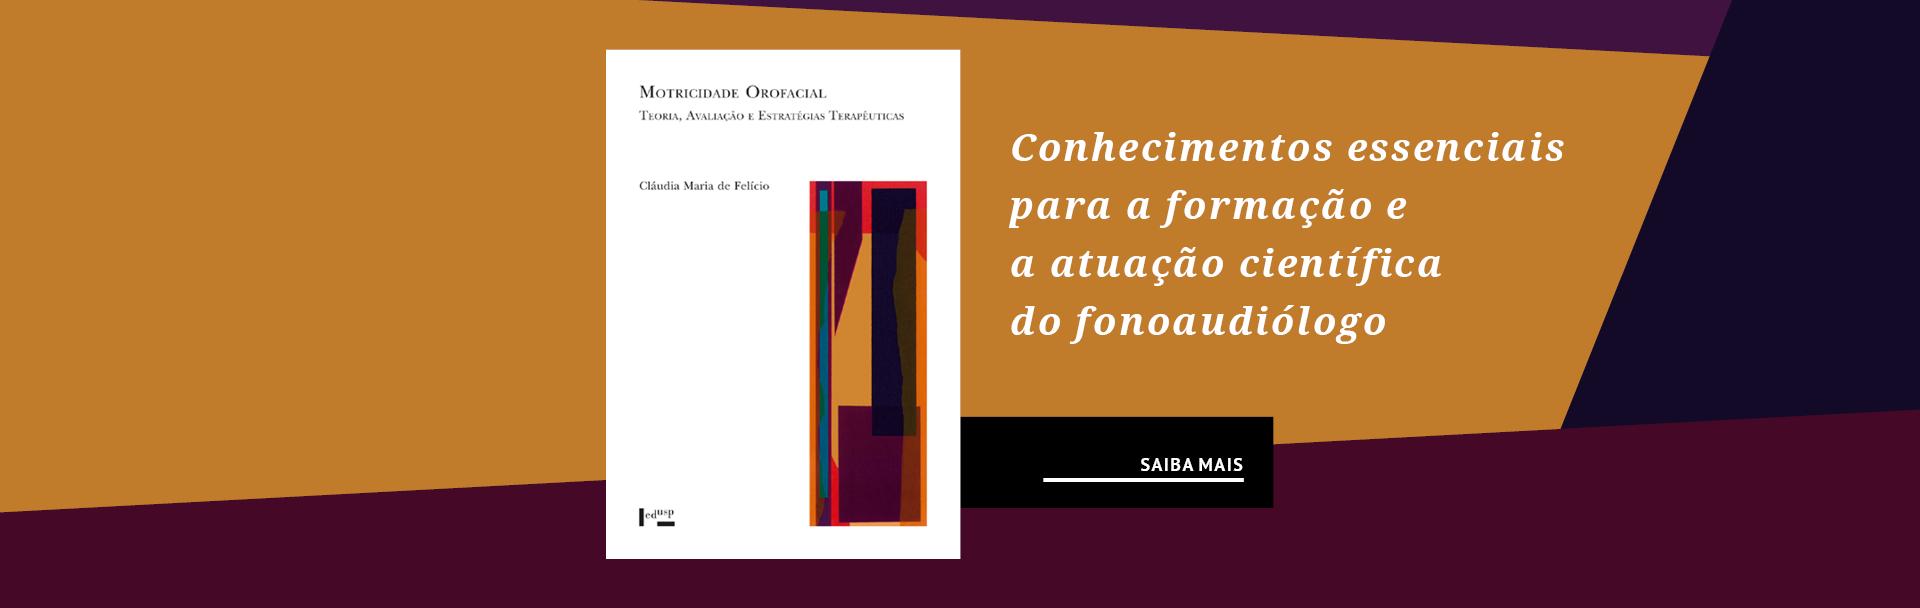 Conhecimentos essenciais para a formação e a atuação científica do fonoaudiólogo